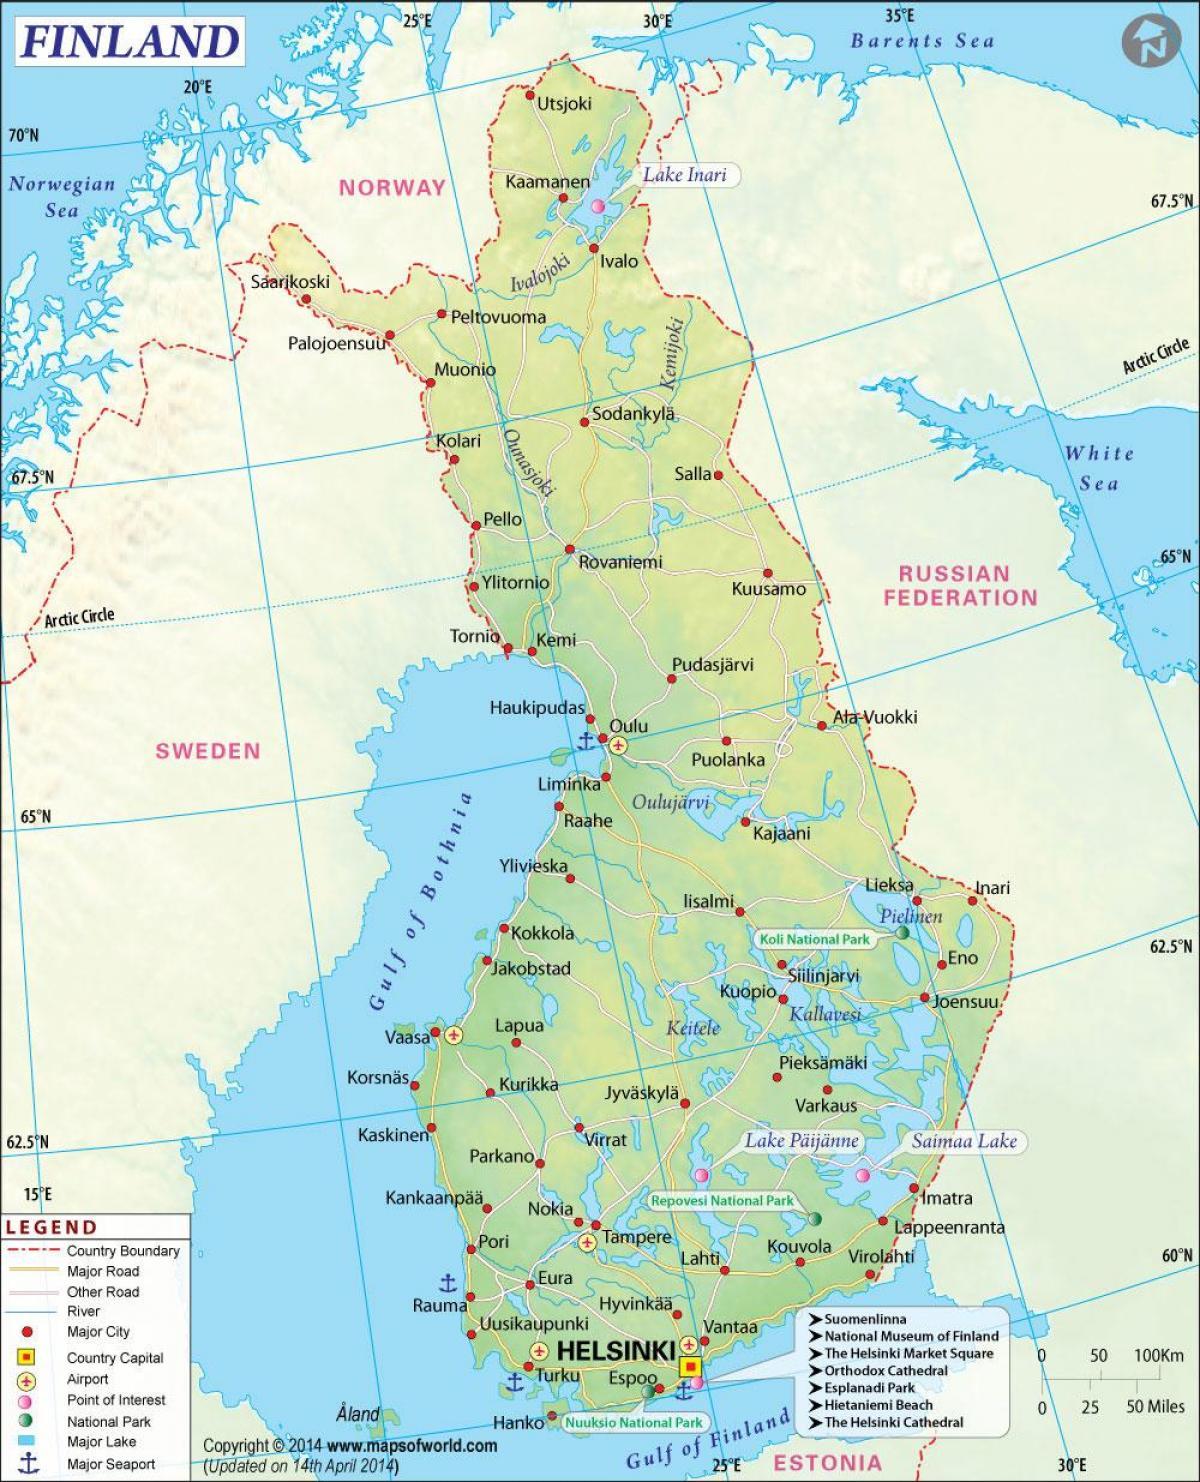 Finland Geografi Kort Kort Over Finland Geografi I Det Nordlige